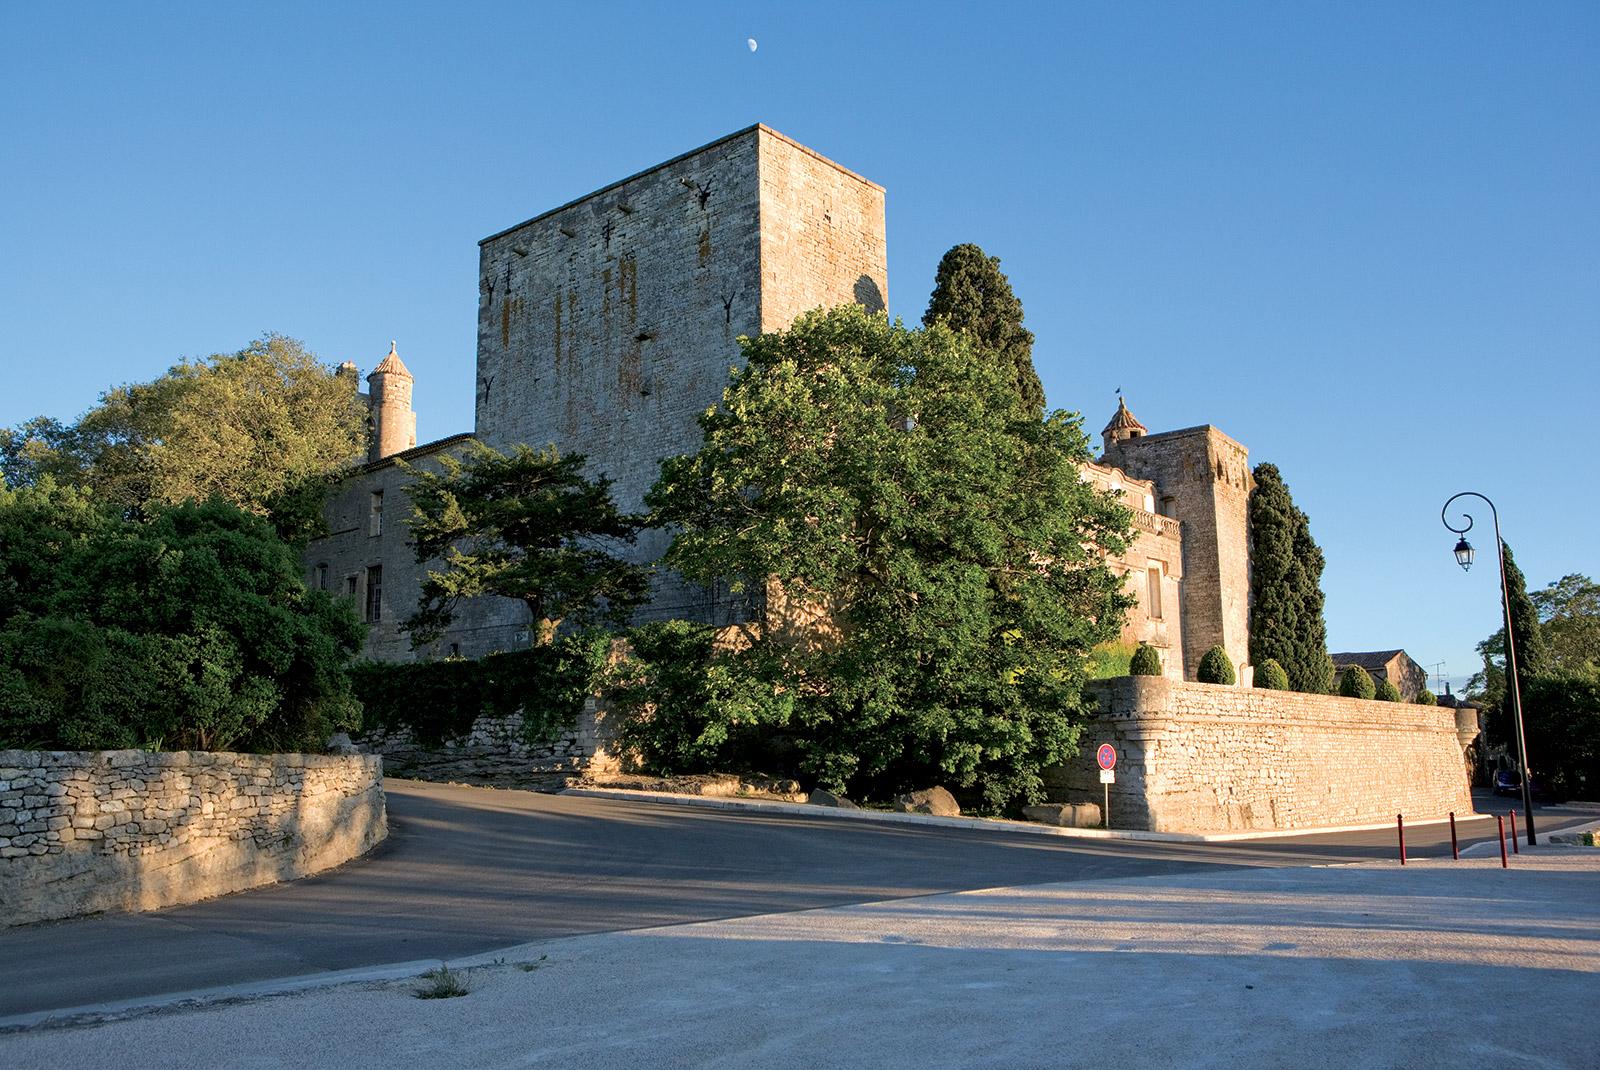 Vue extérieure du Château de Villevieille